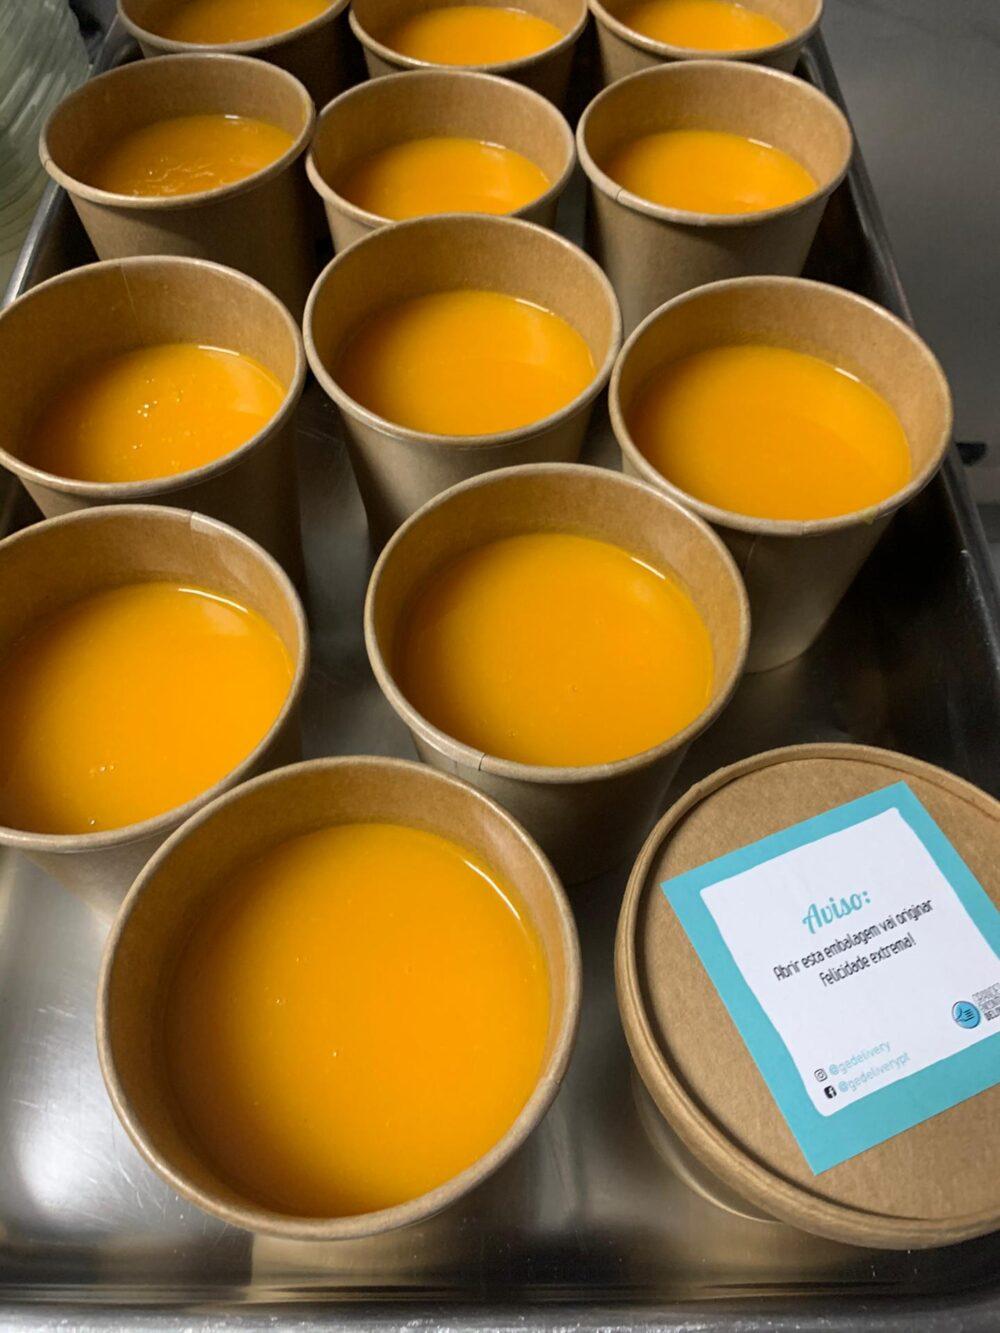 Embalagens Biodegradáveis com Sopa